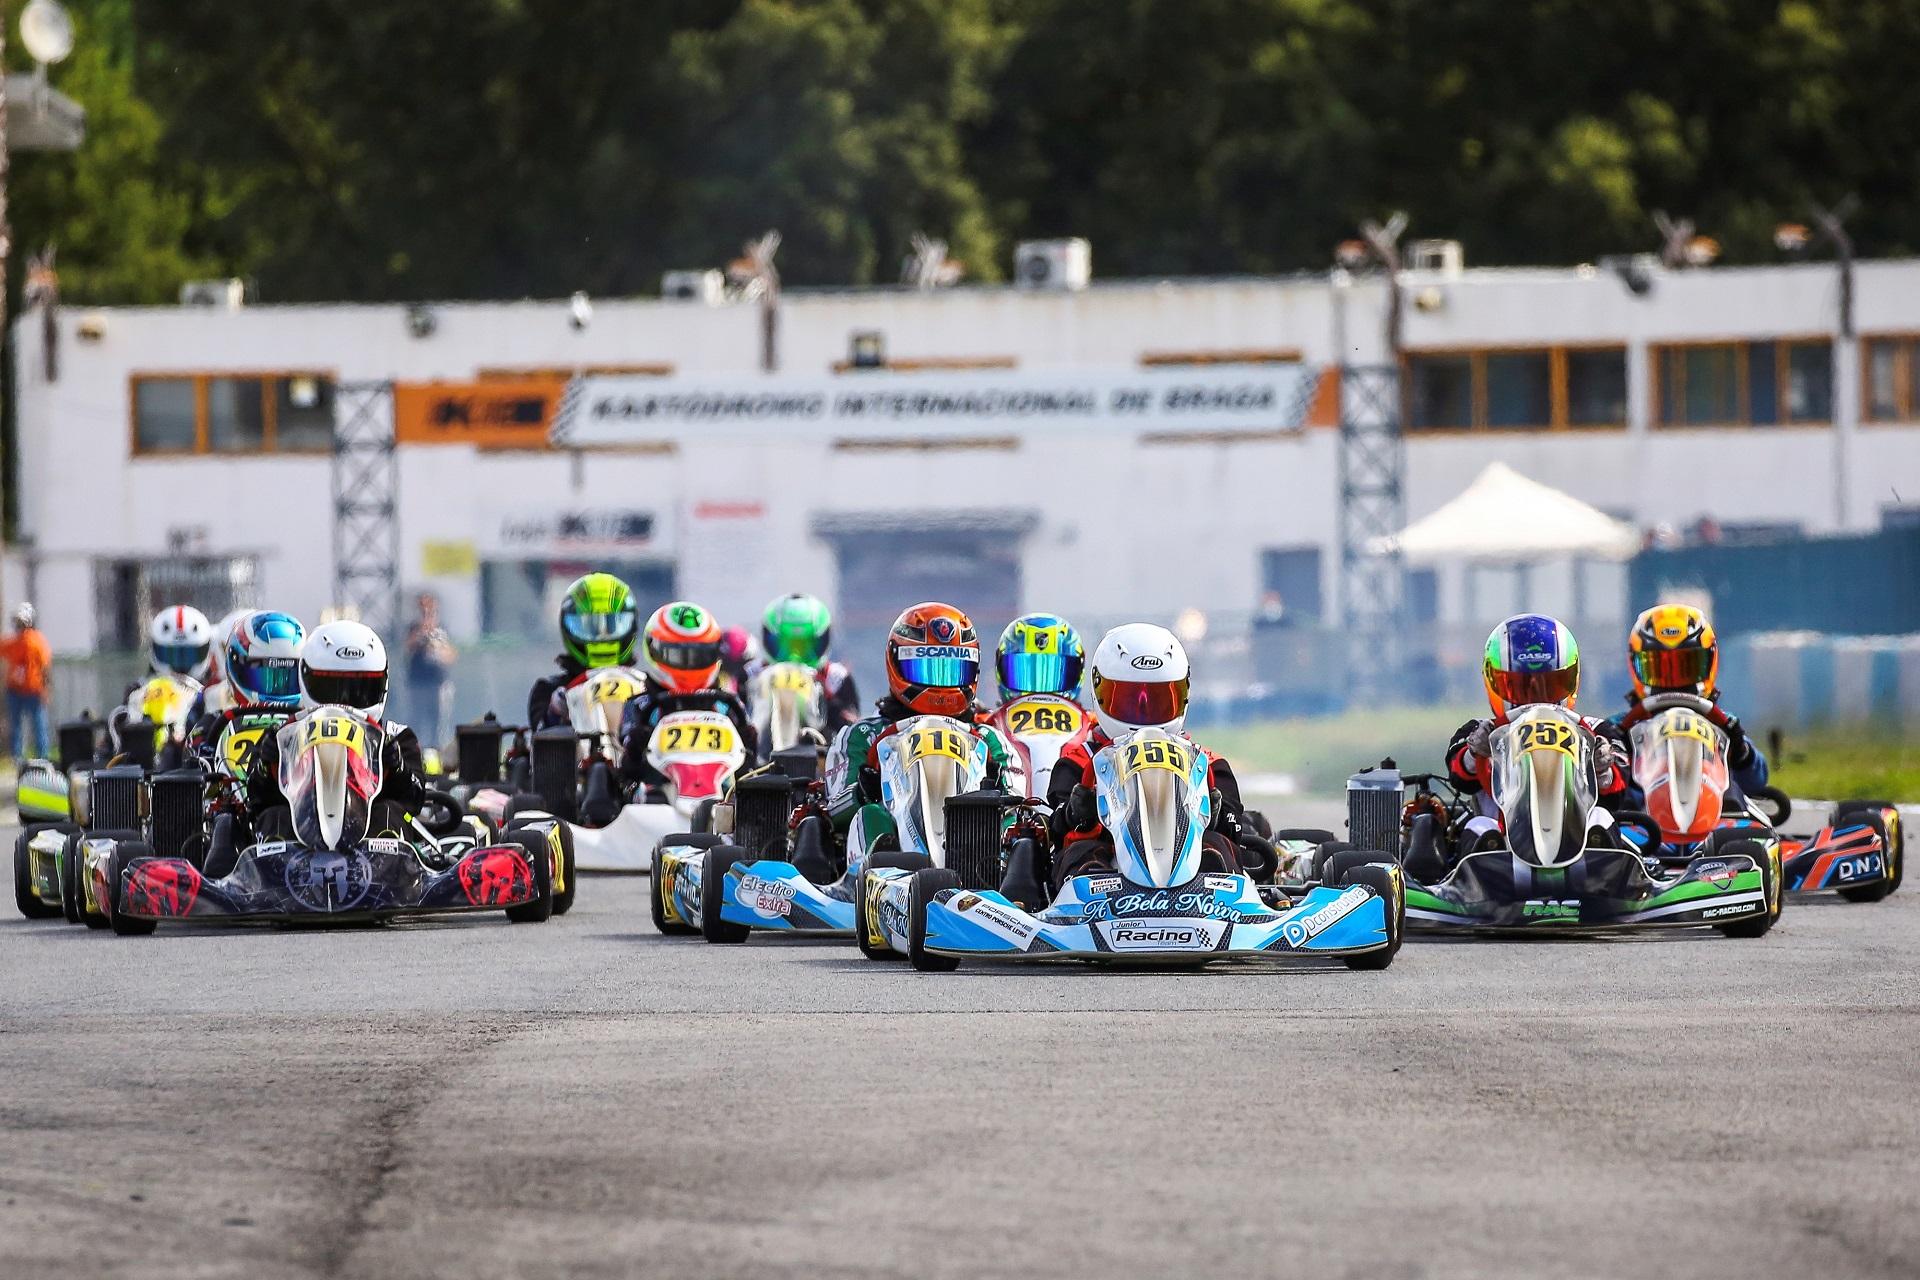 Korridas & Kompanhia pondera outra solução para a 5.ª jornada dupla do Troféu Rotax